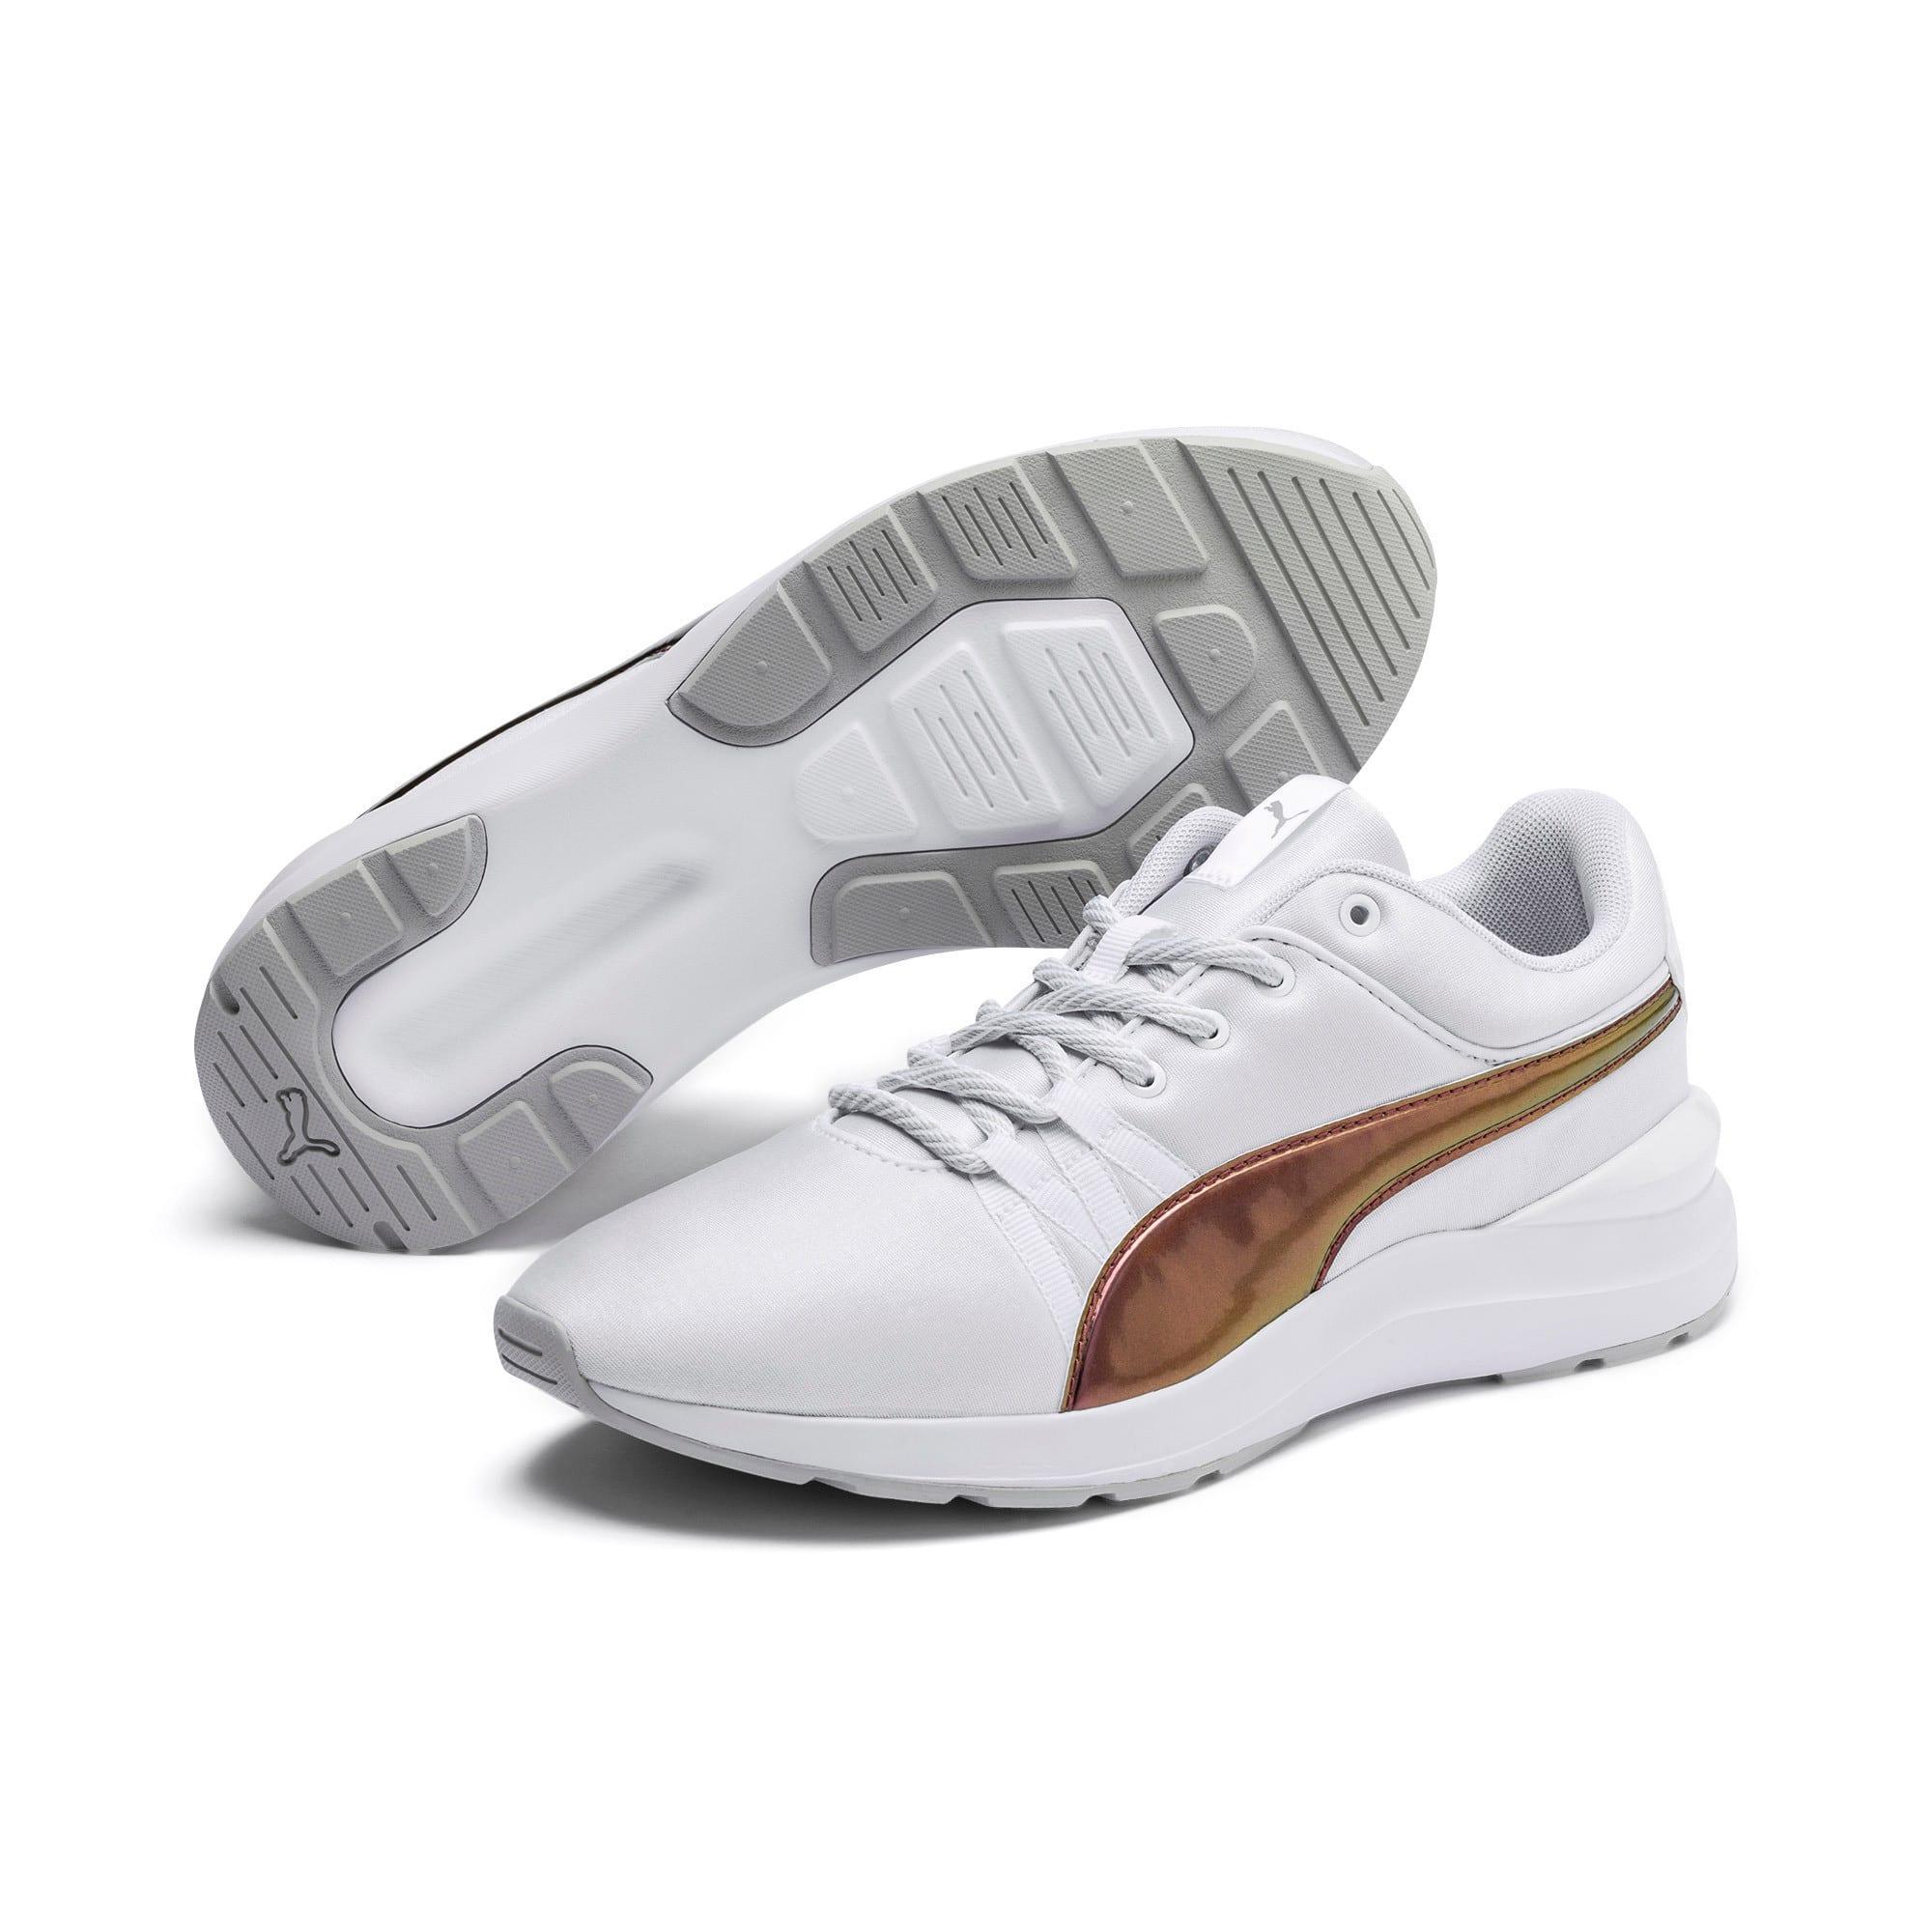 Miniatura 2 de Zapatos deportivos AdelaTrailblazer para mujer, Puma White-Puma White, mediano